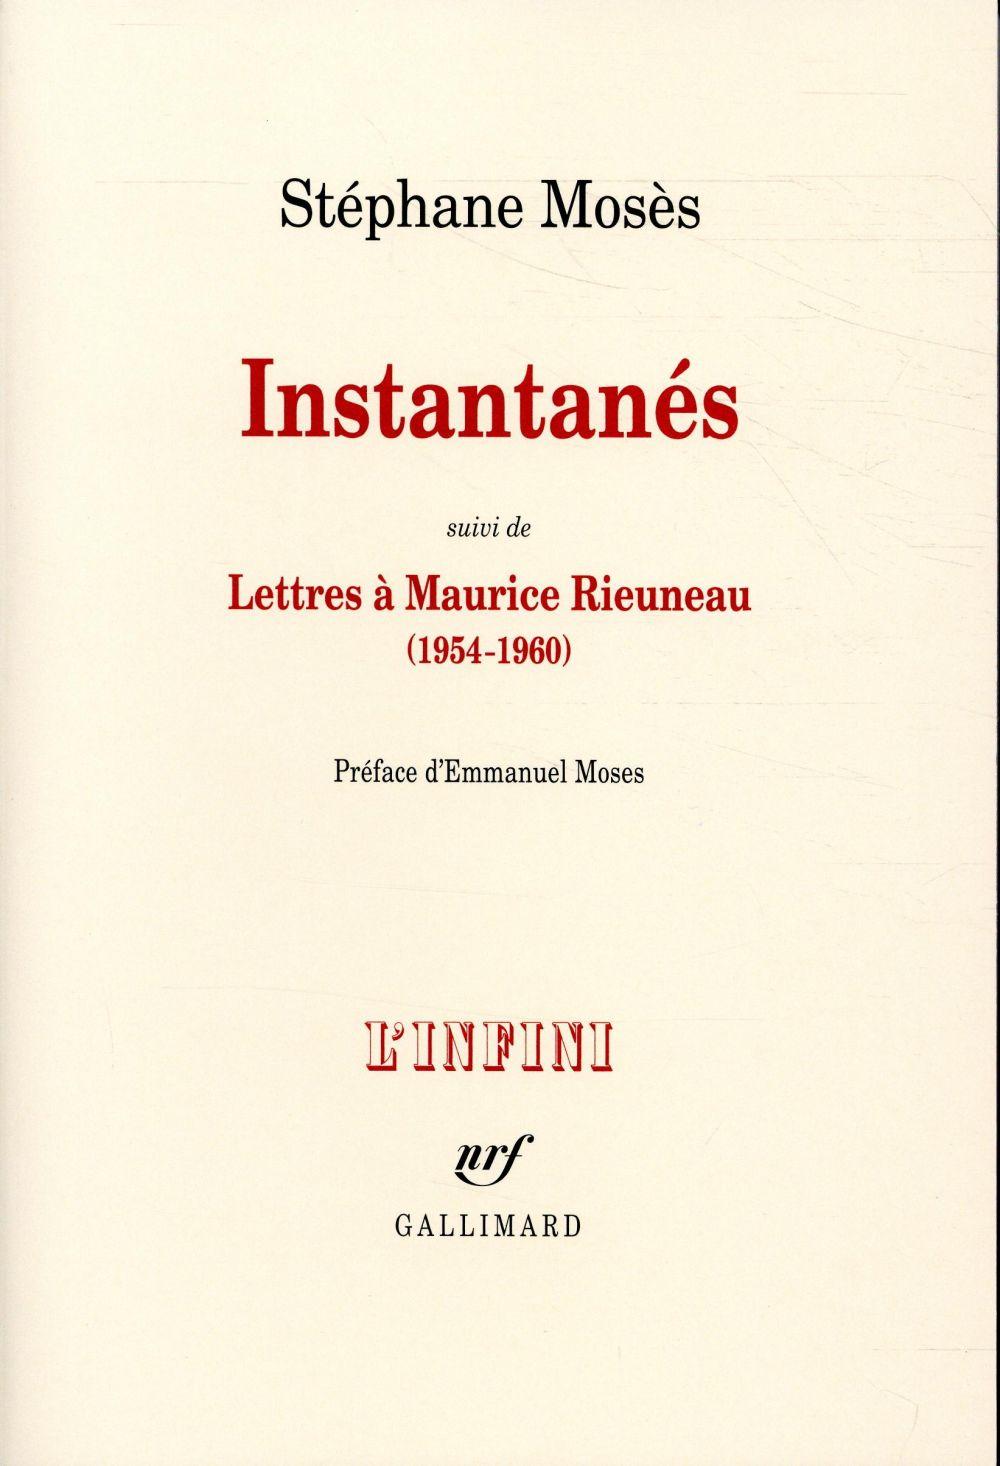 Instantanés ; lettres à Maurice Rieuneau (1954-1960)